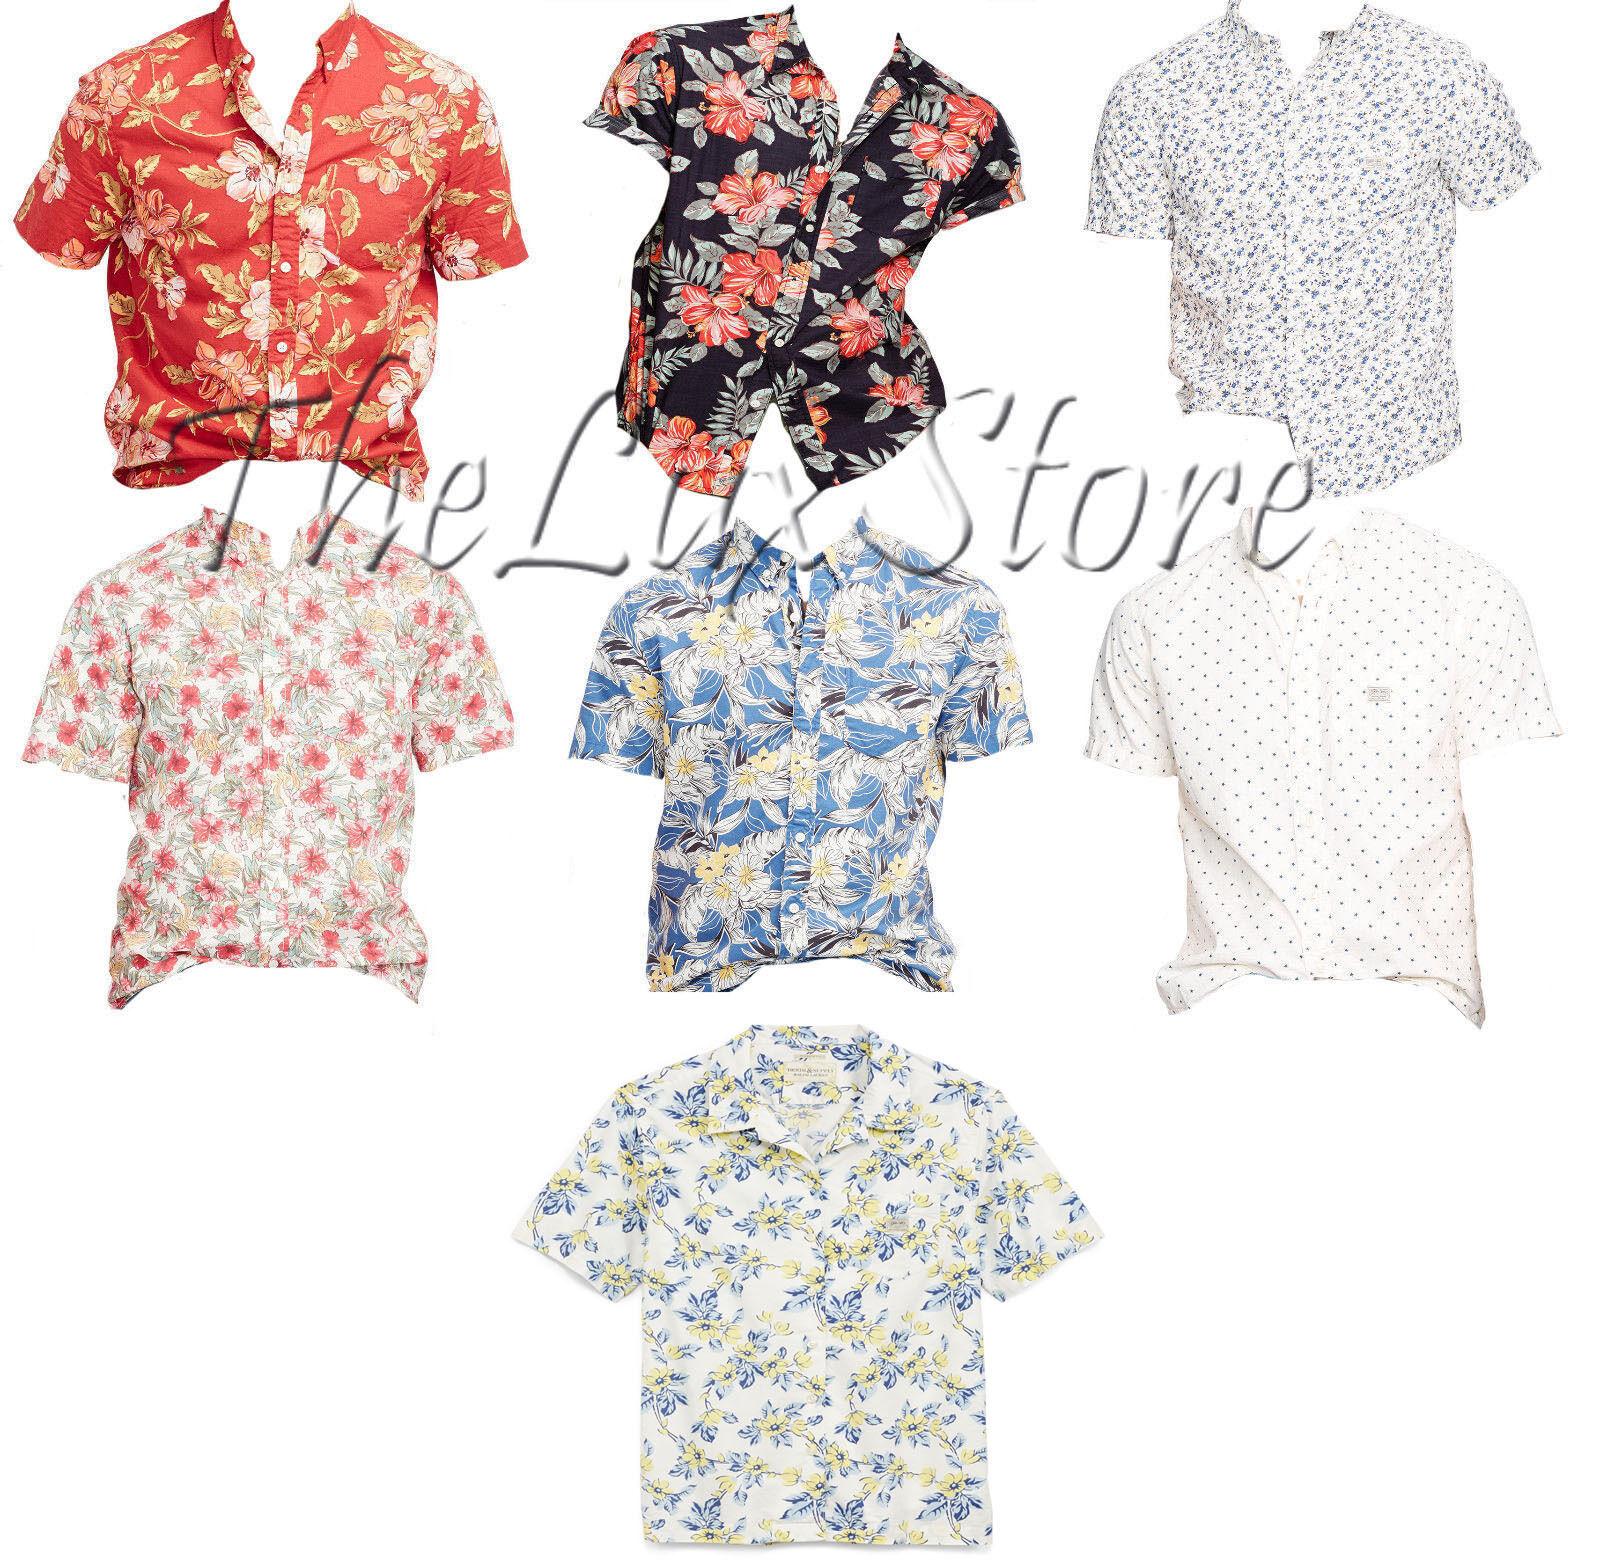 Polo Ralph Lauren Denim & Supply Mens Floral Short Sleeve Button Down Shirt New